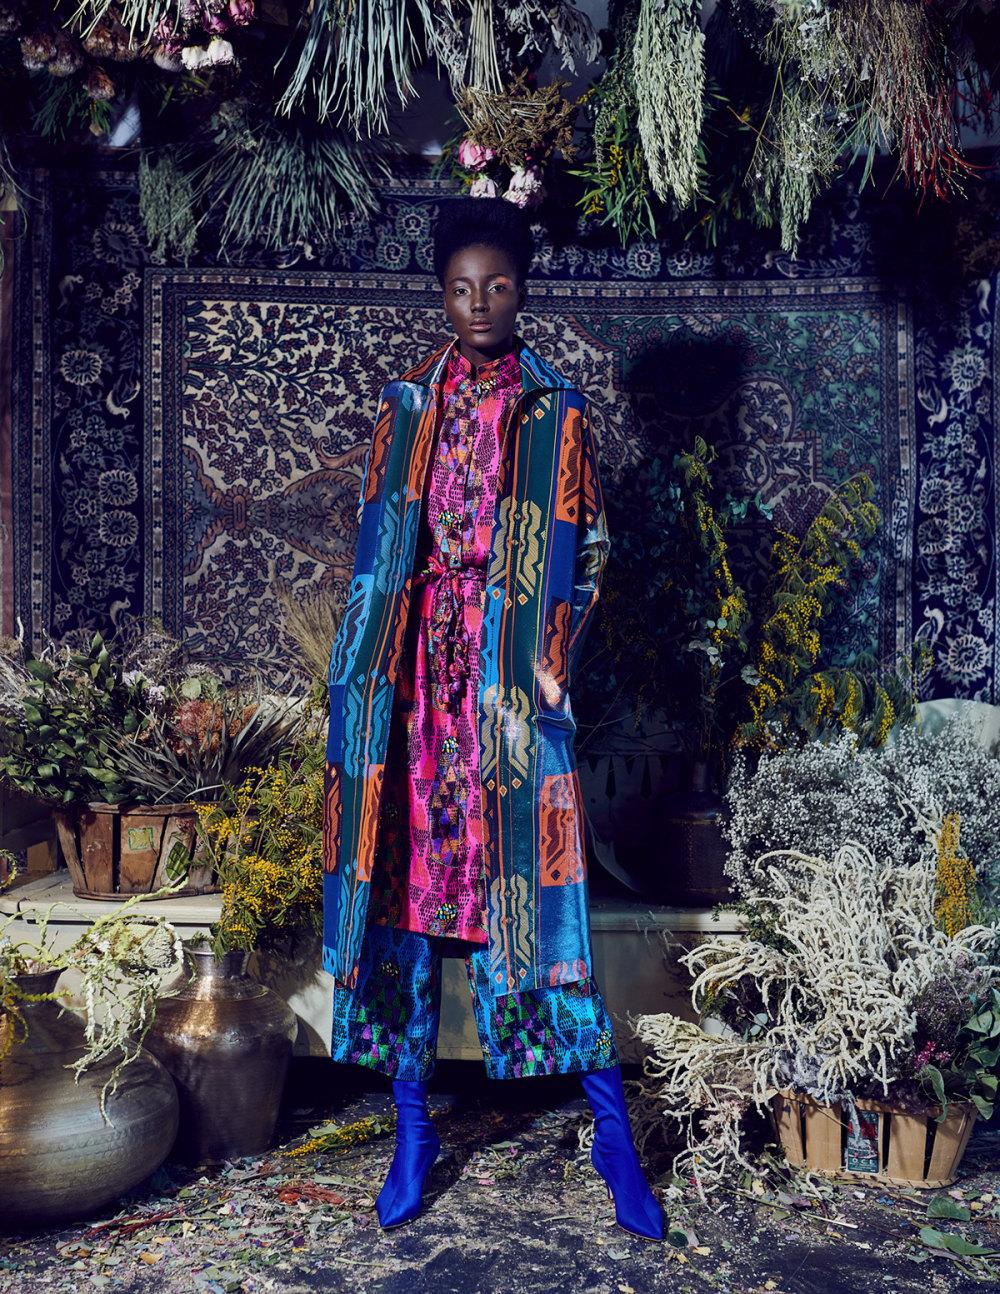 Rianna+Nina时装系列定制的夹克和金属光泽的七分裤定义未来主义-10.jpg